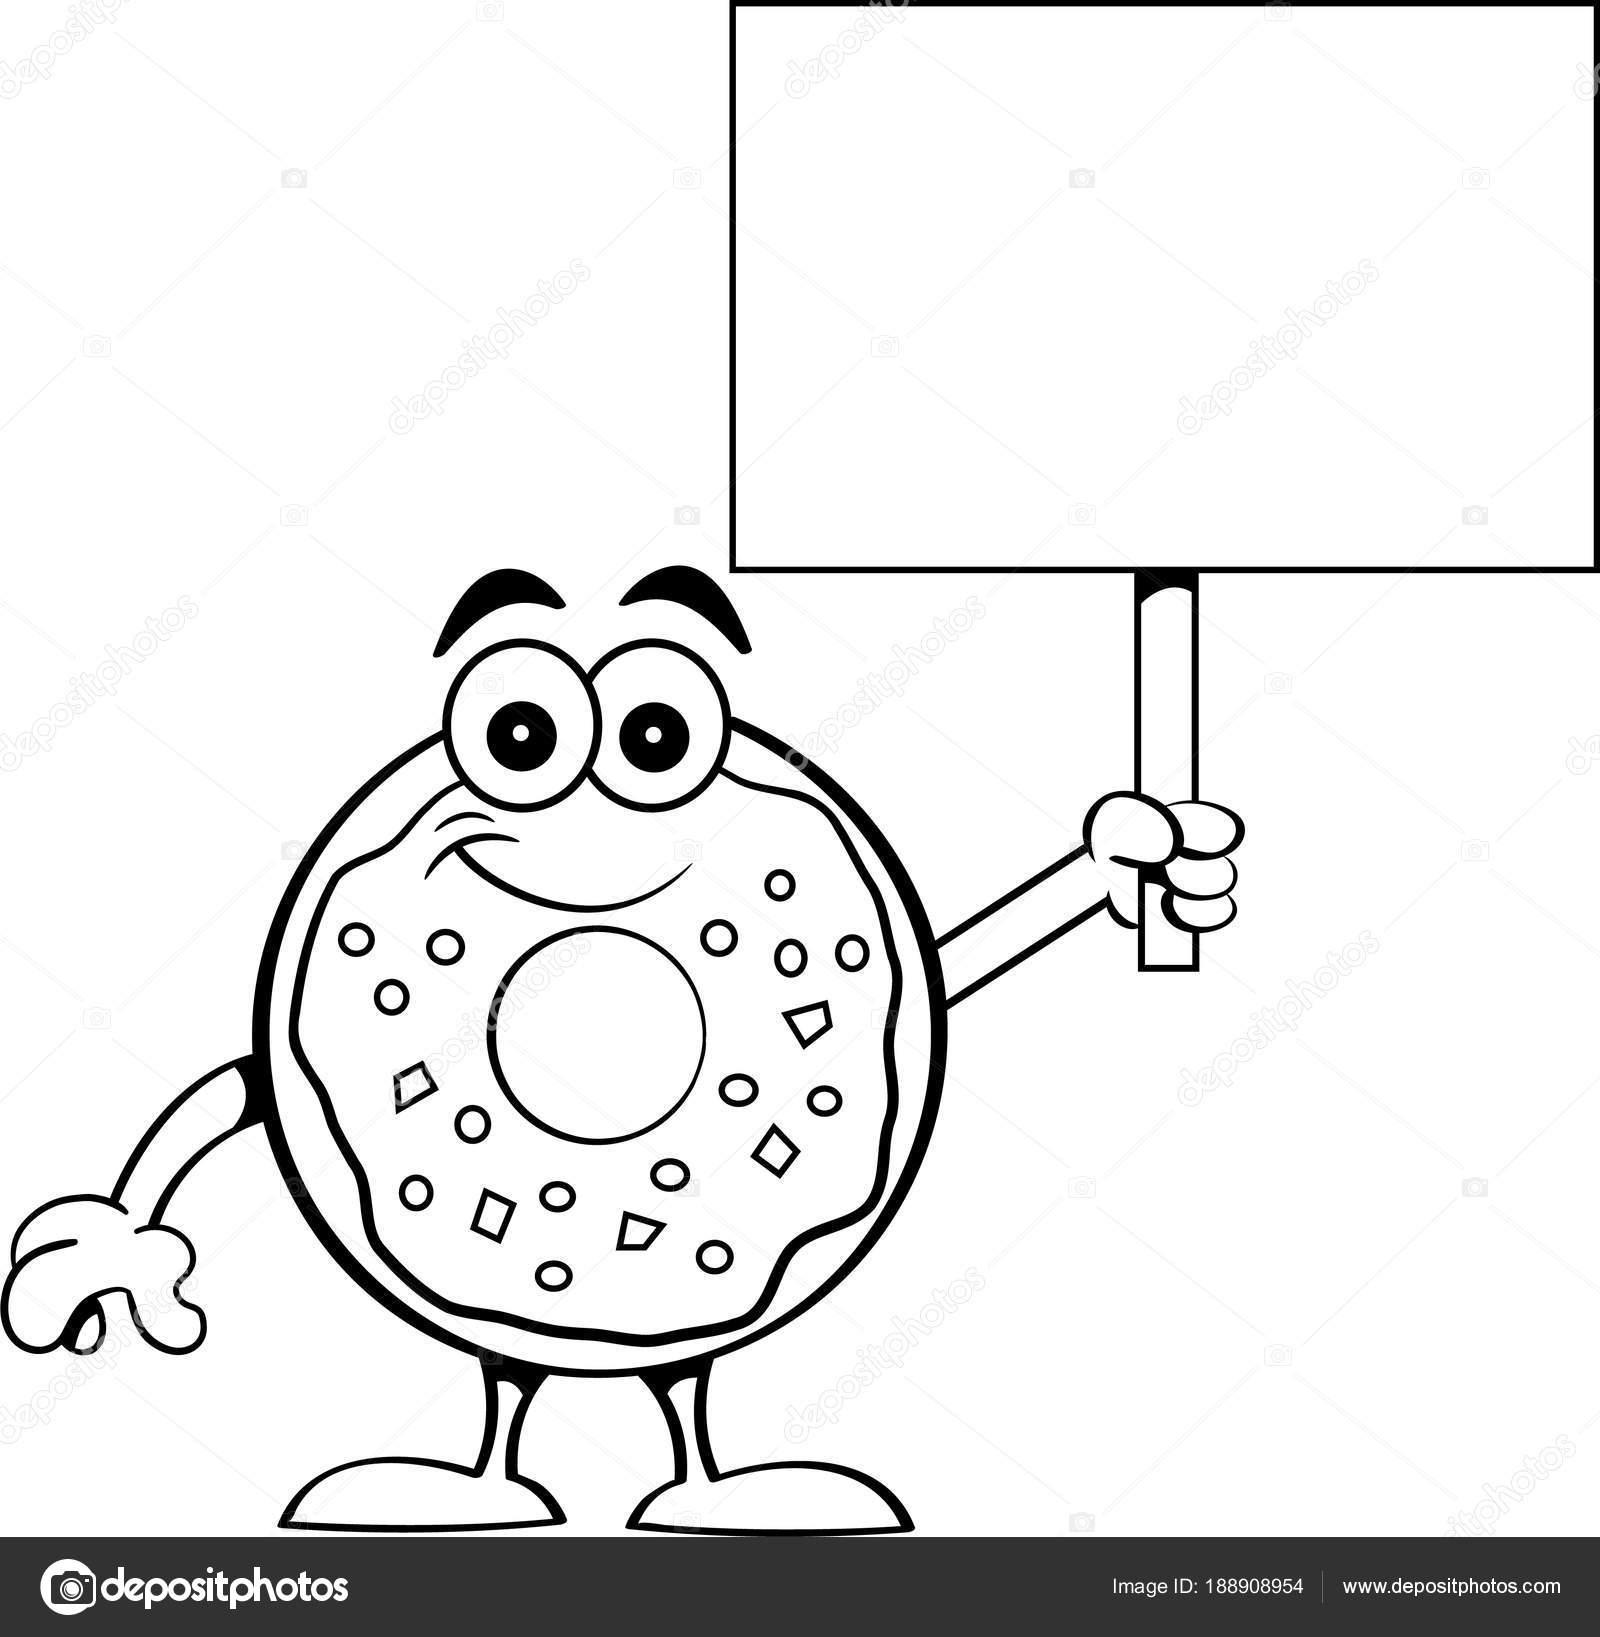 Schwarz Weiß Darstellung Ein Glücklich Donut Mit Einem Schild